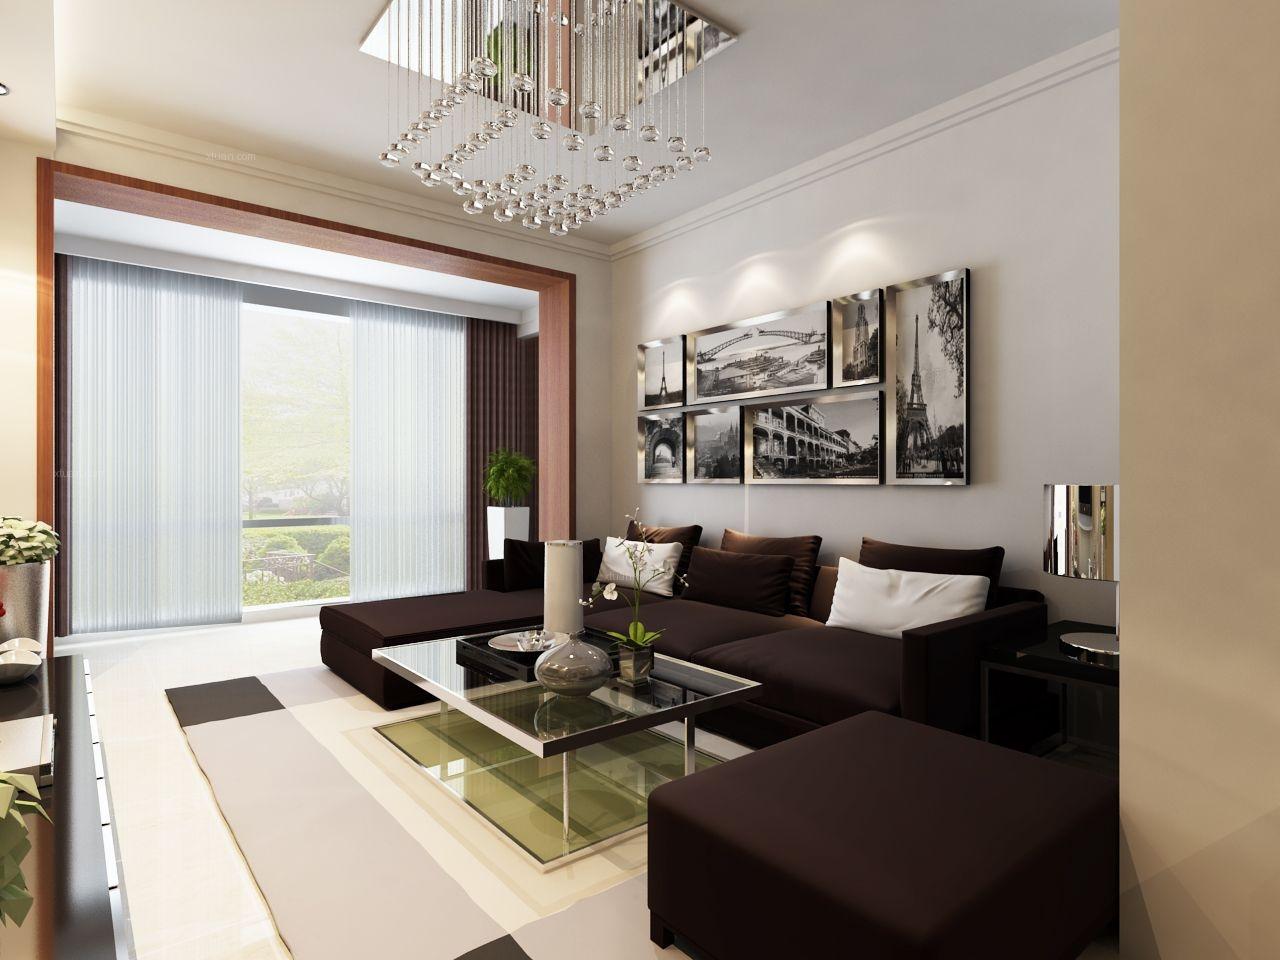 两居室客厅_保利心语装修效果图图片